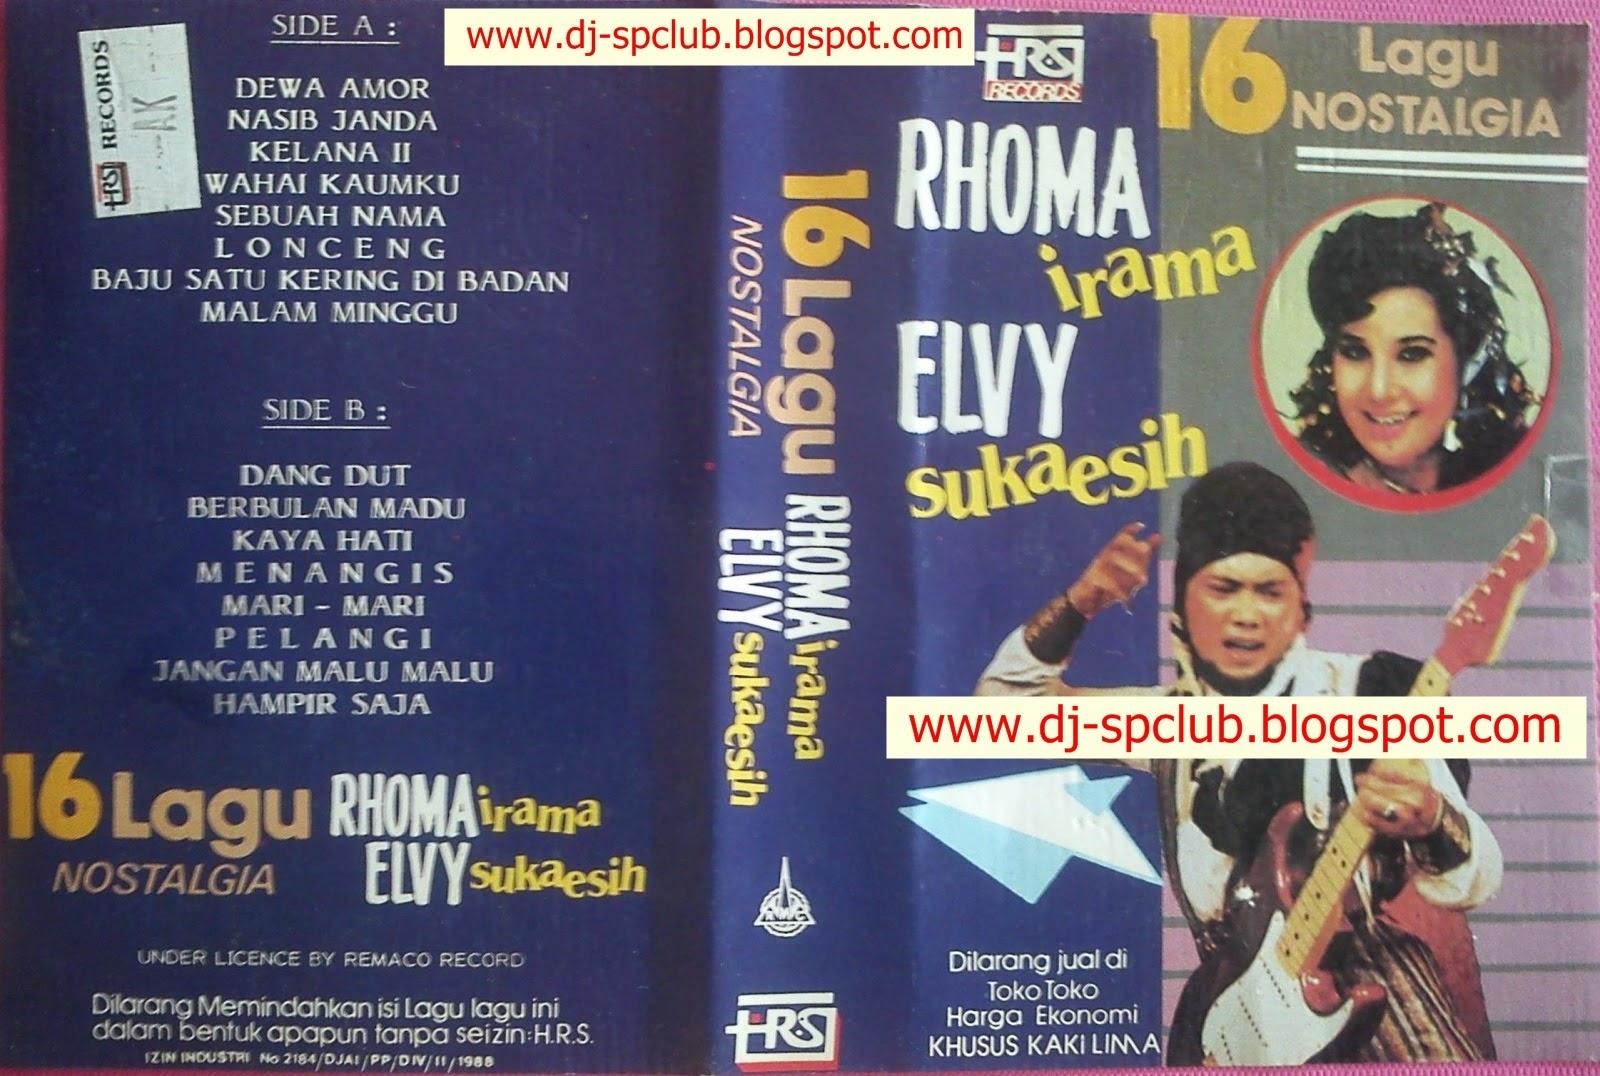 Download 16 Lagu Nostalgia Rhoma Irama Dan Elvy Sukaesih | Dangdut ...